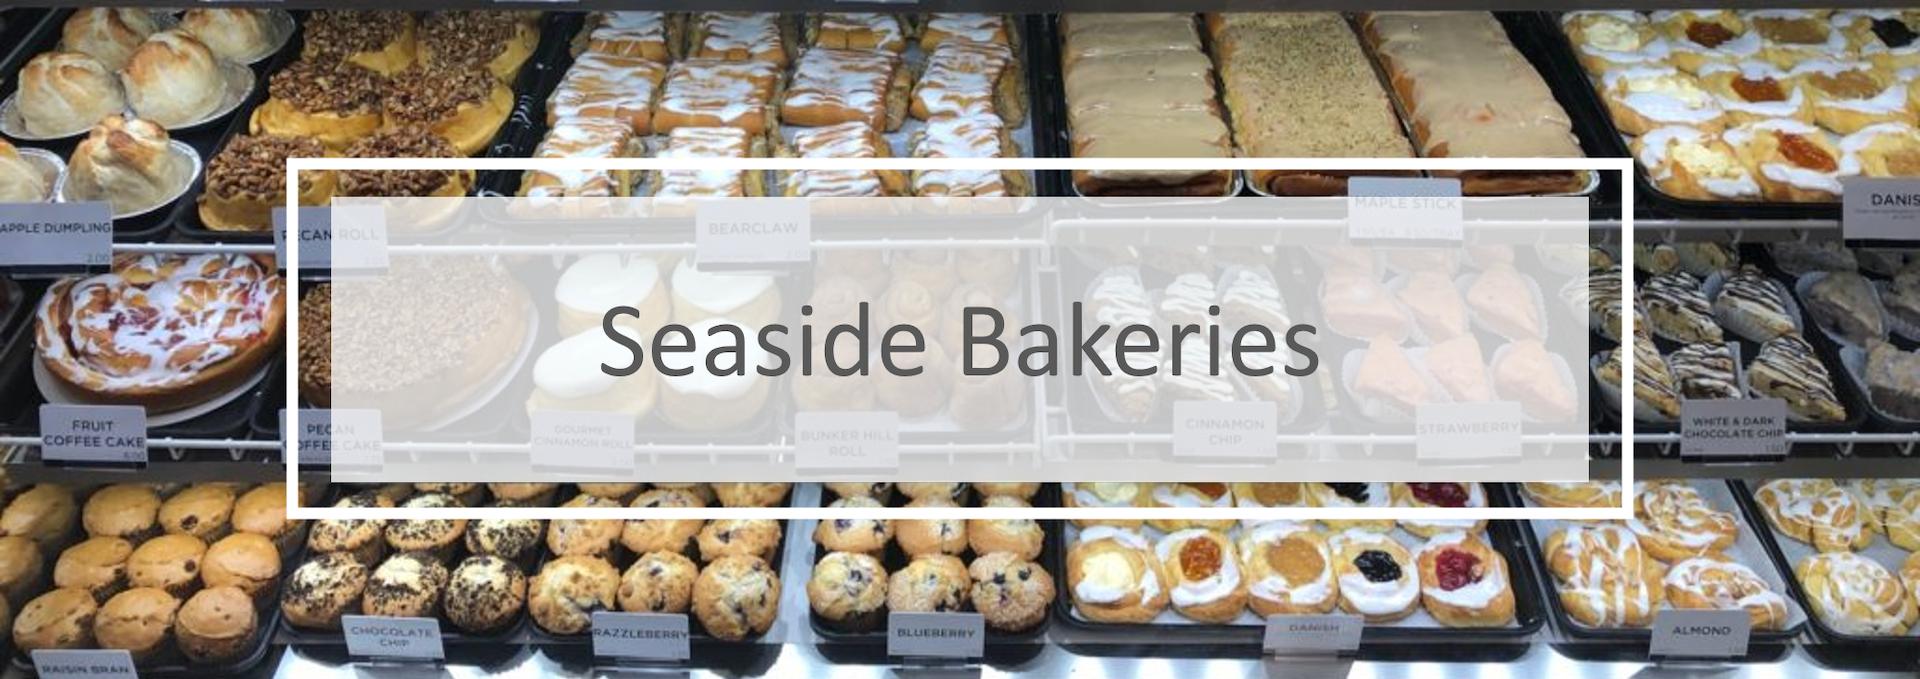 Best bakeries in Seaside